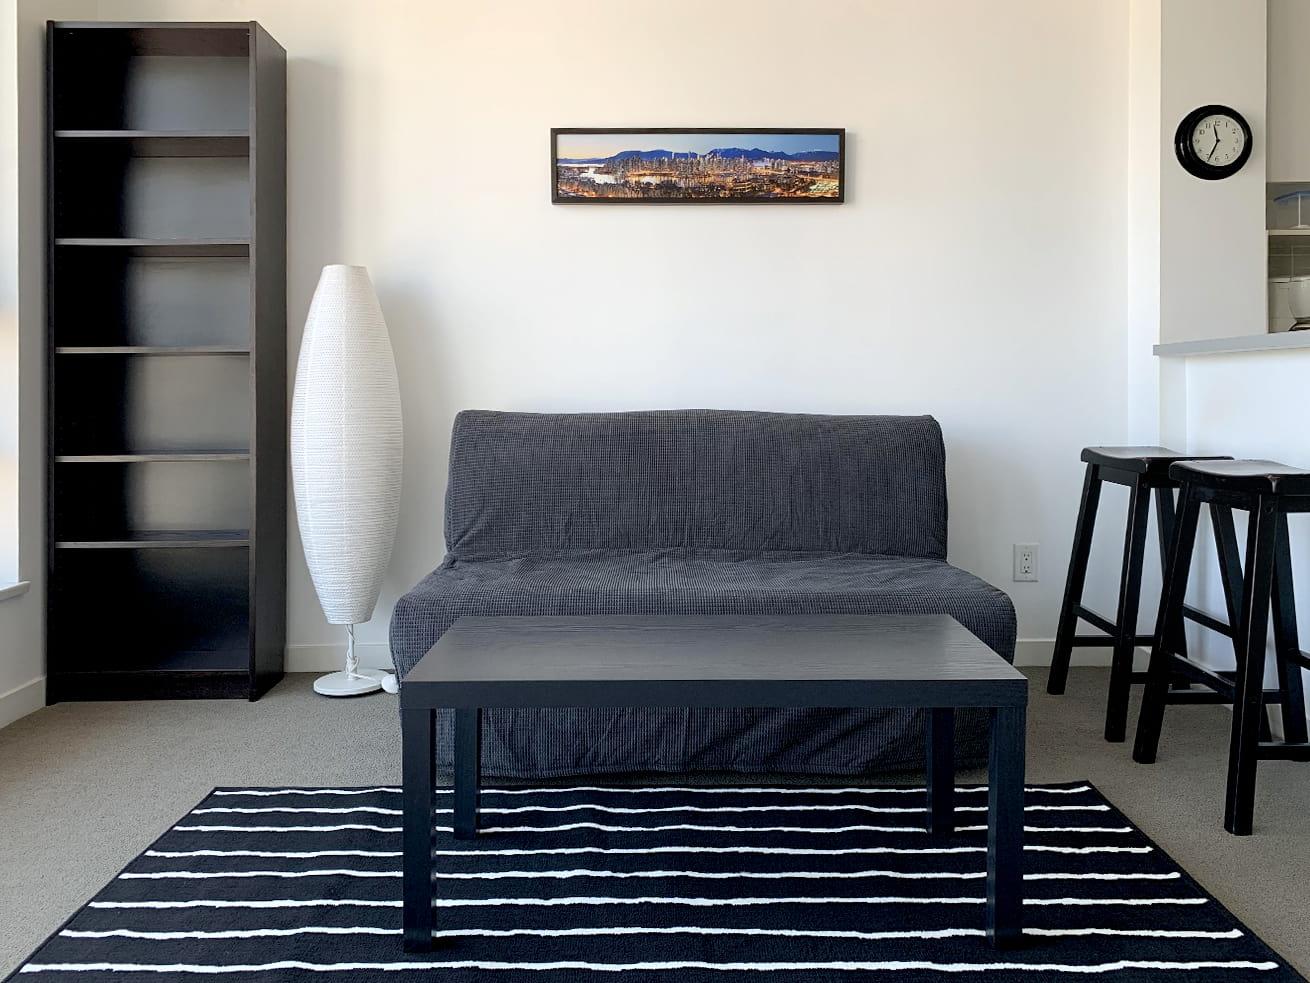 Vancouver apartment rentals max studio den living room